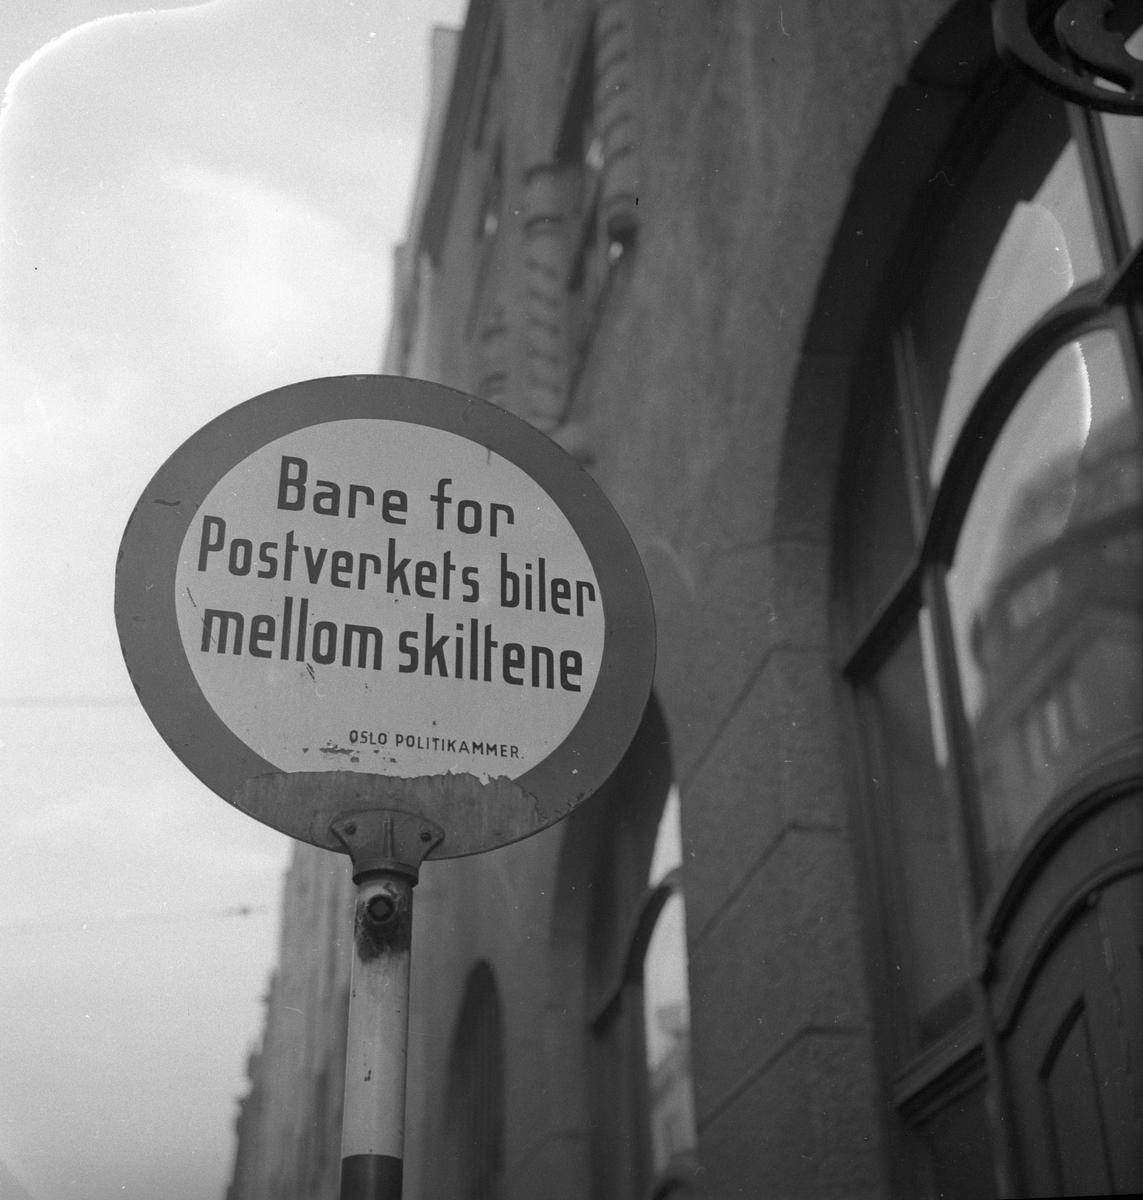 """Trafikkskilt """"Bare for Postverkets biler mellom skiltene. Oslo Politikammer"""", Oslo."""